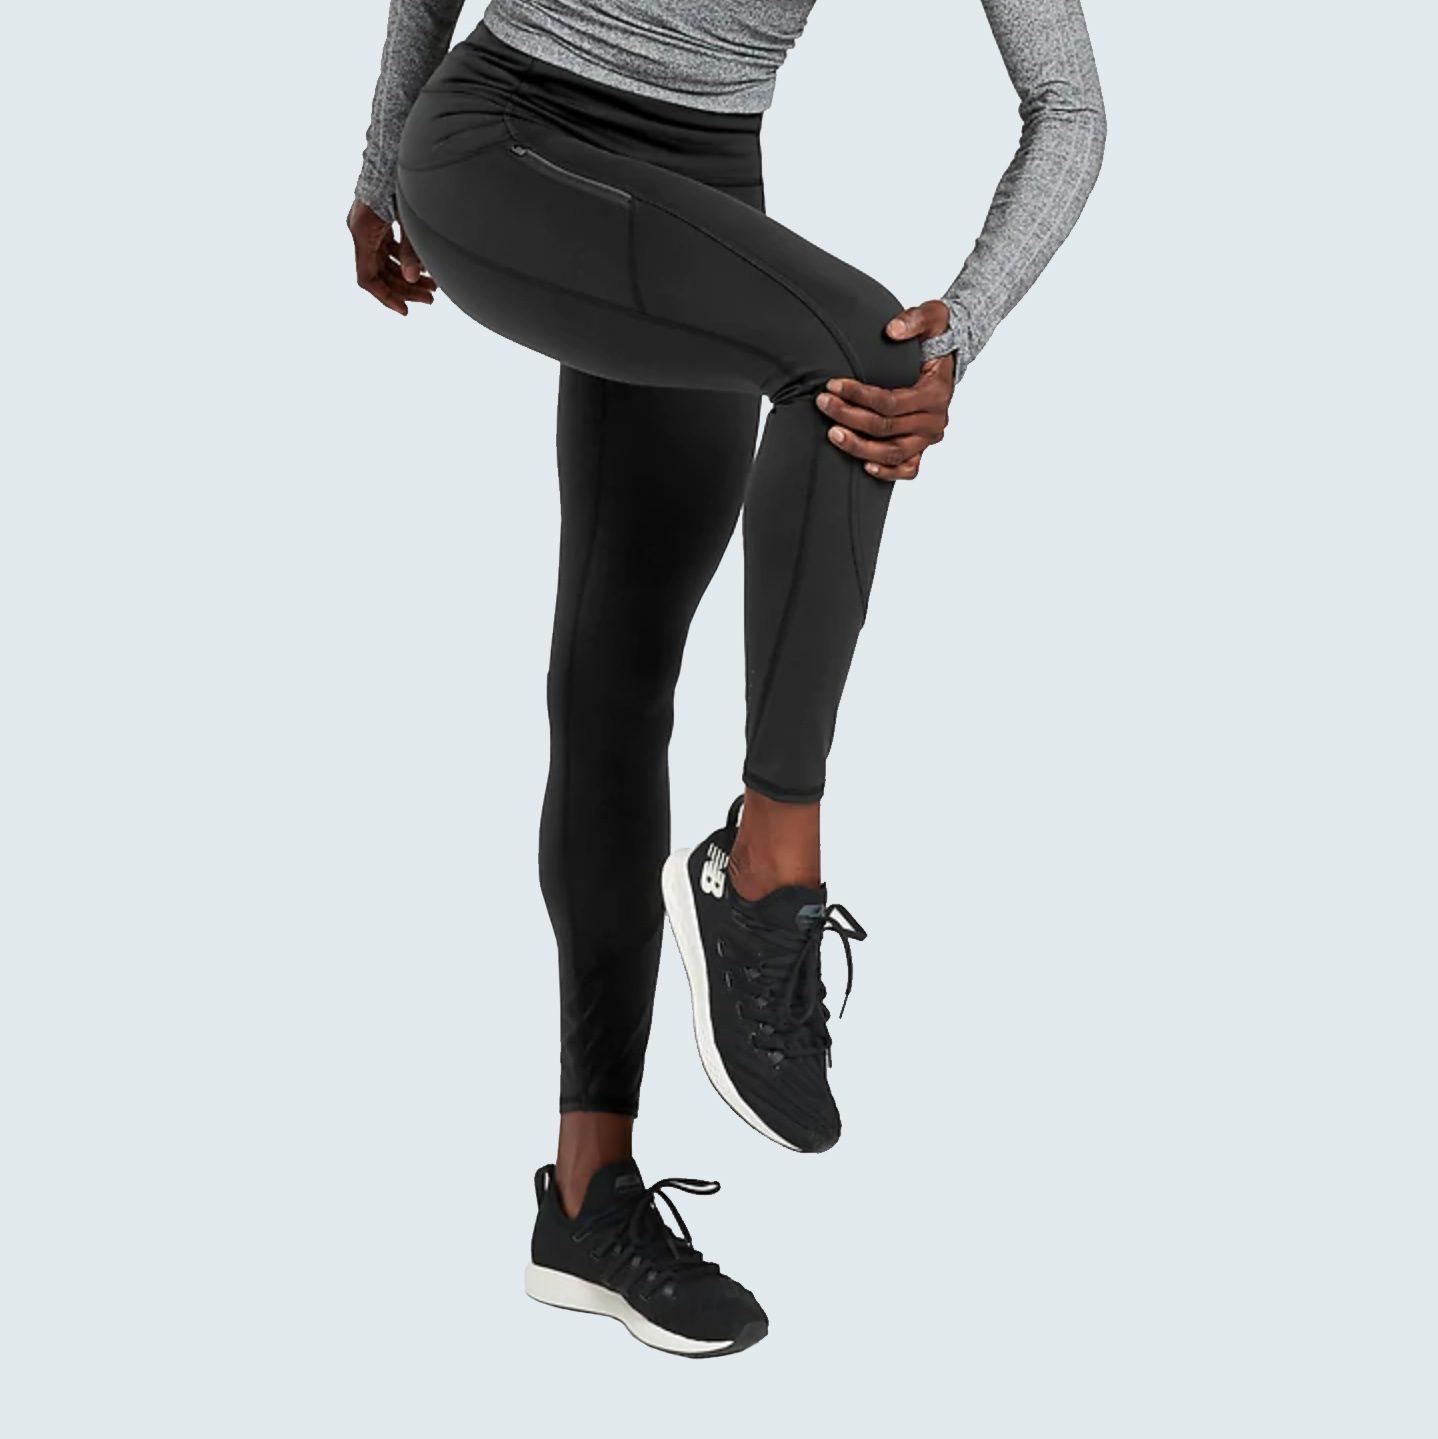 Athleta Ranier Leggings